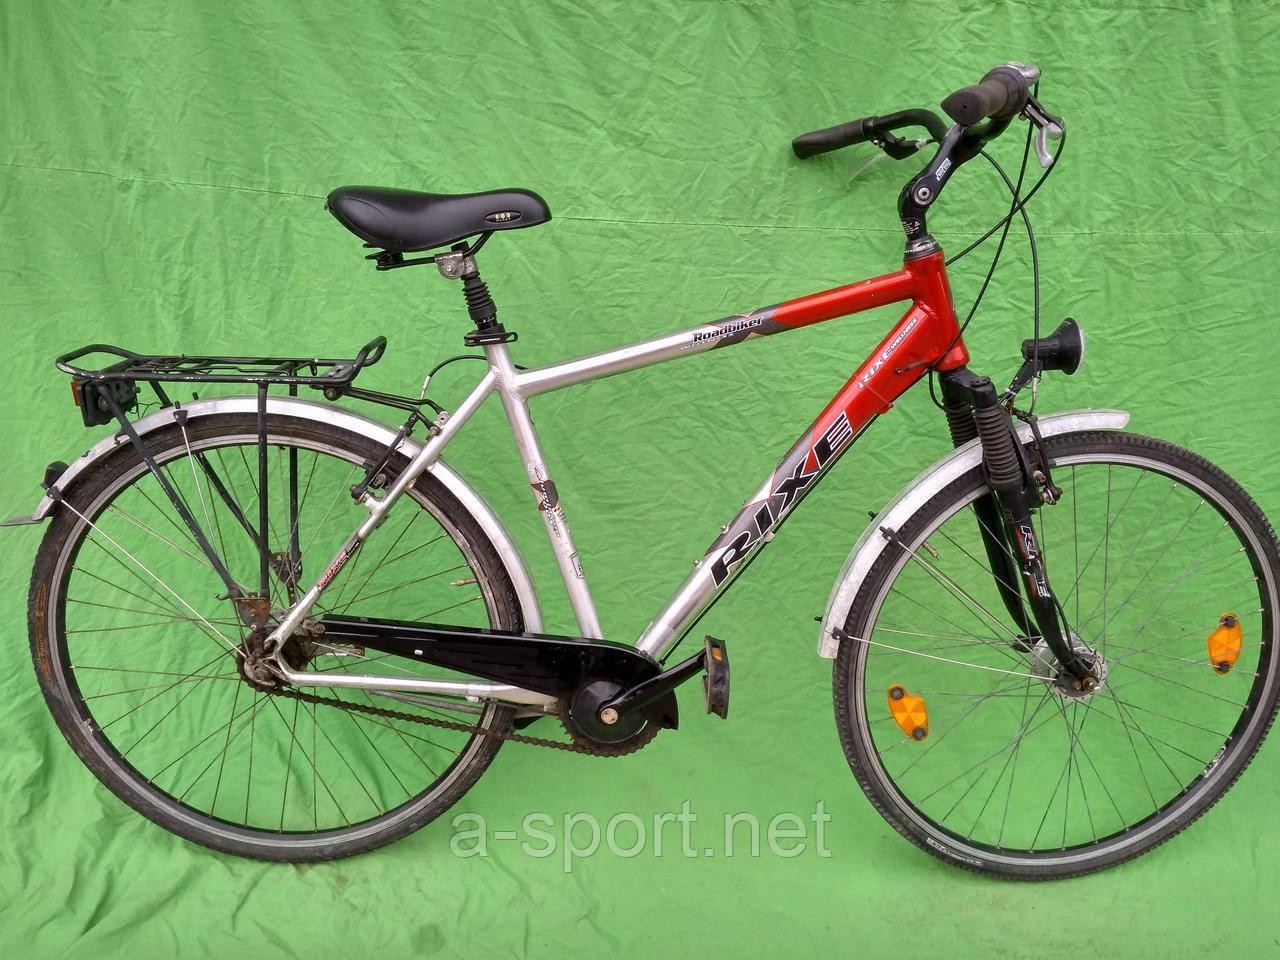 Міський, дорожній велосипед Rixe на планетарці nexus 7, алюміній, дина